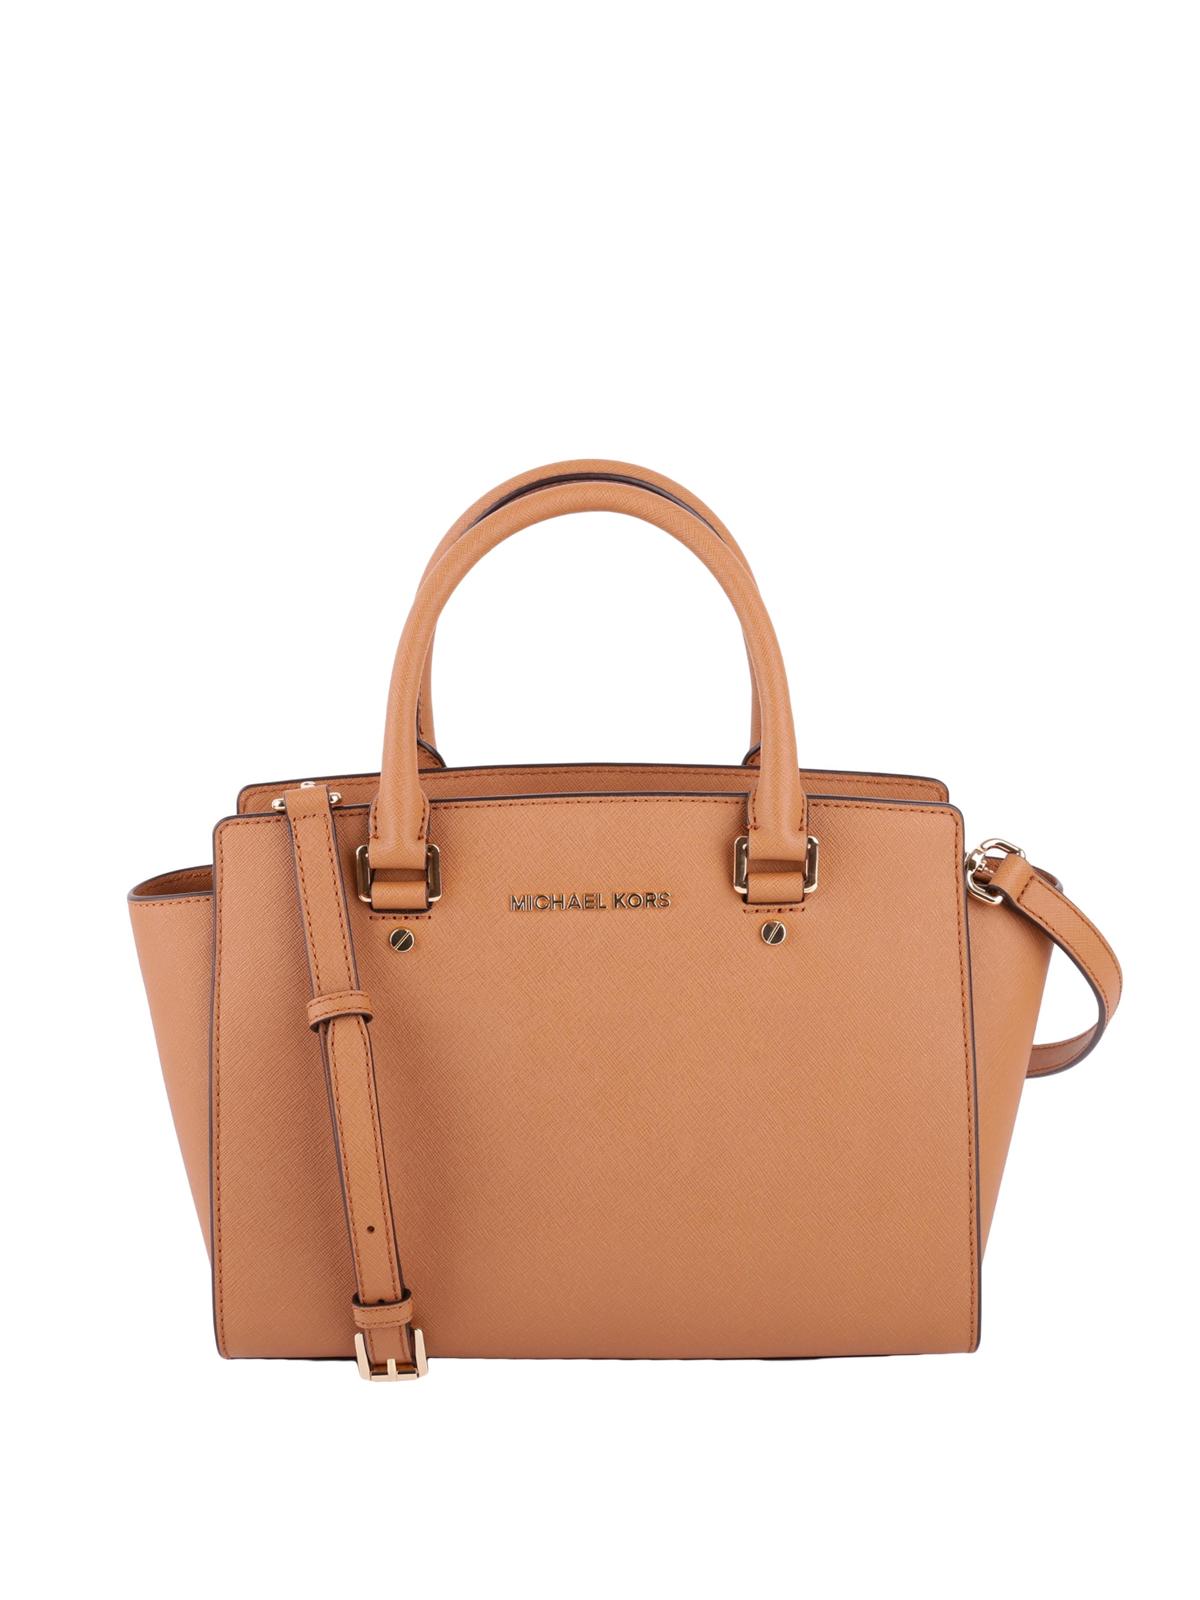 467d079a78de Michael Kors - Selma medium acorn saffiano top zip tote - totes bags ...